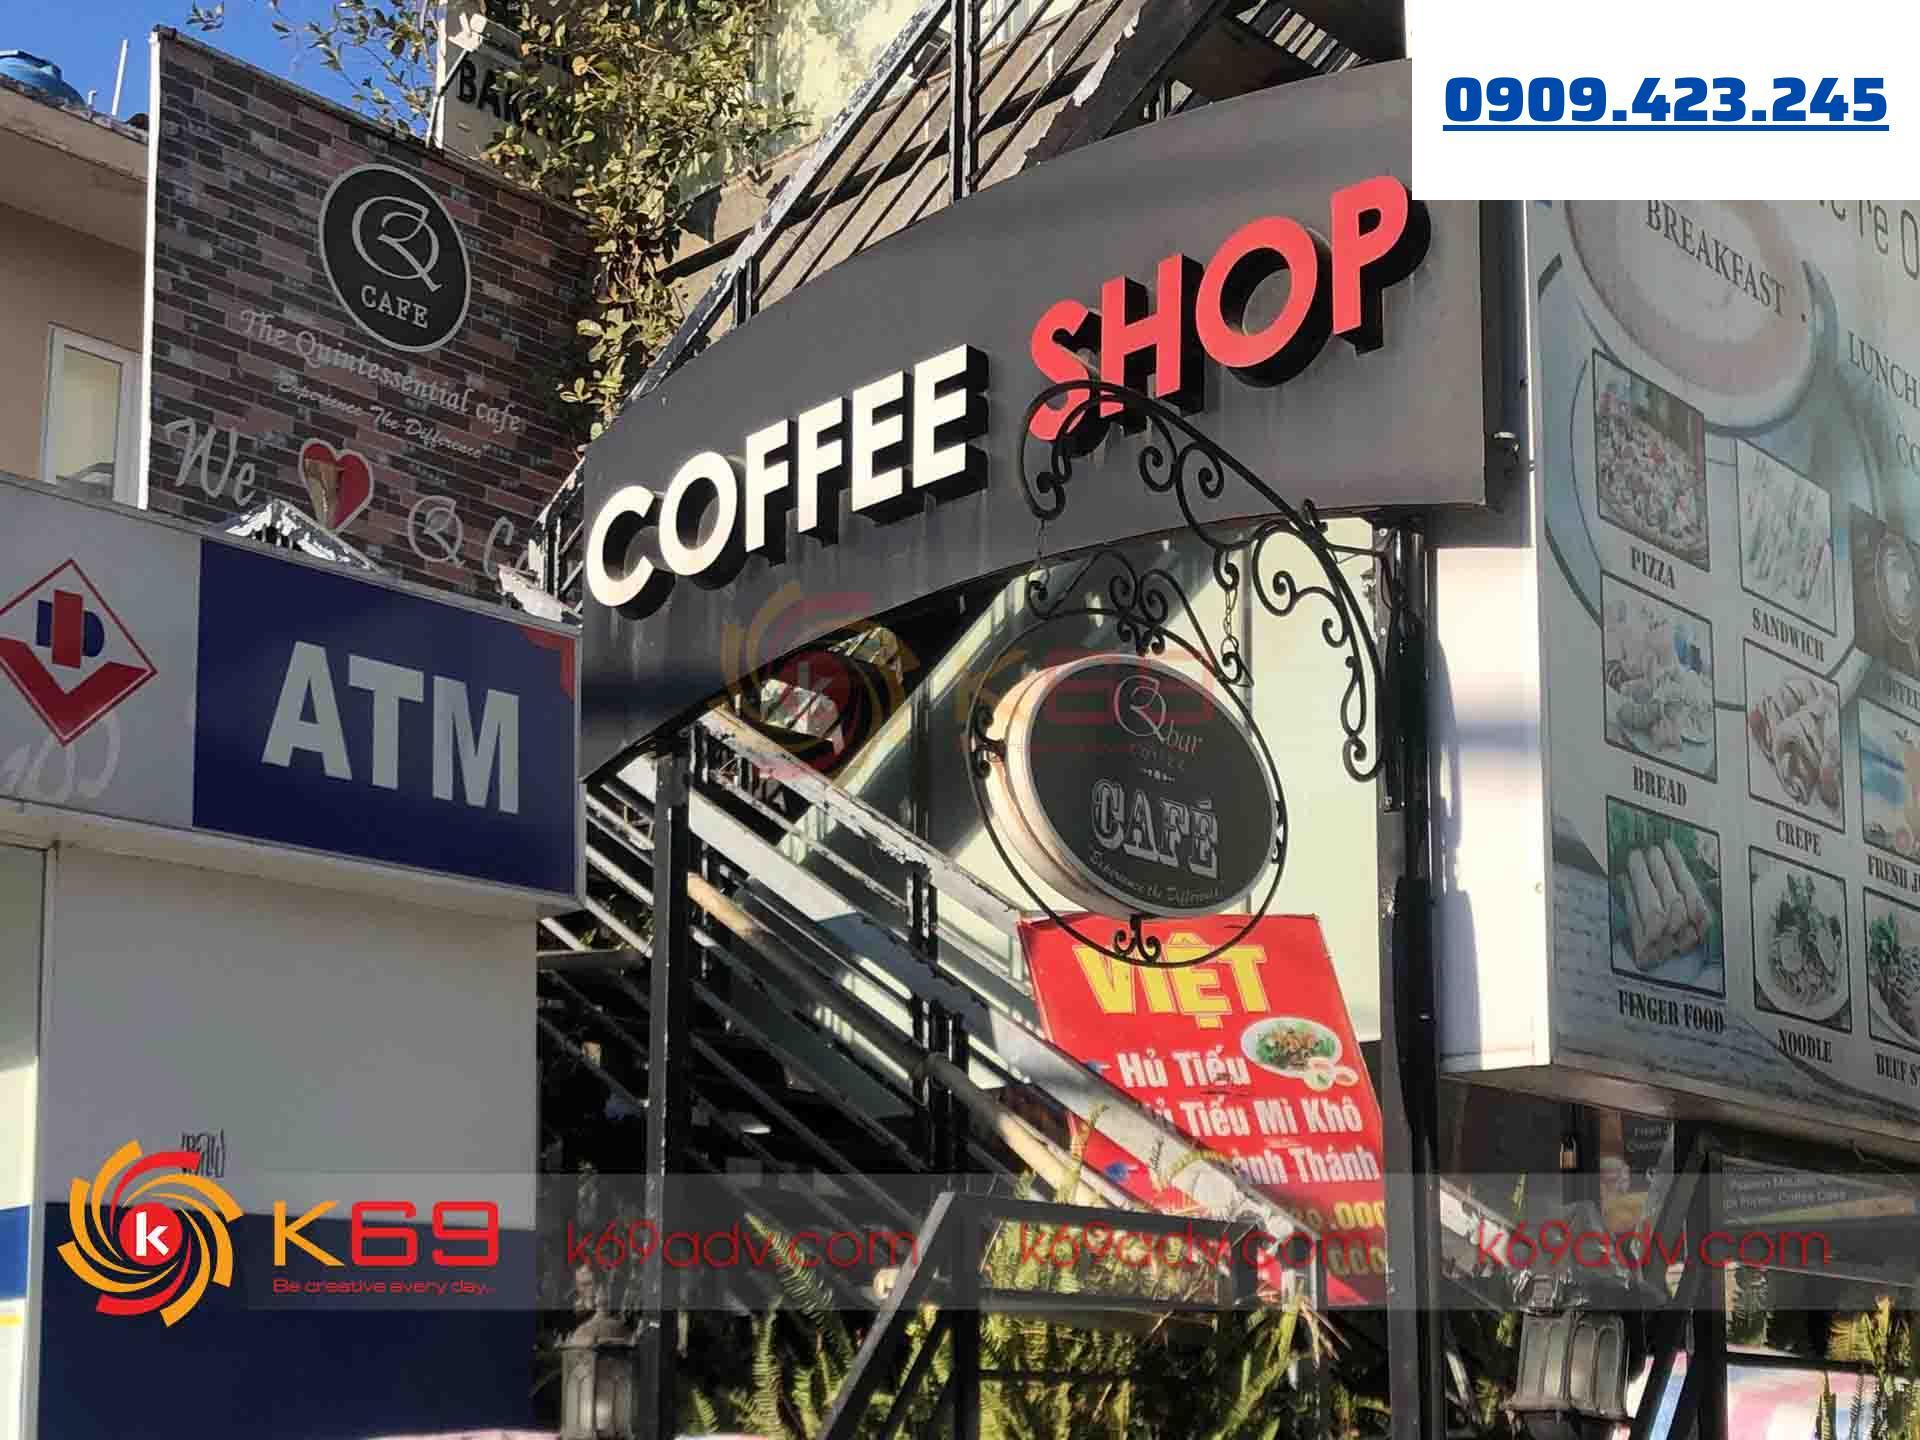 Mẫu bảng hiệu chữ nổi quán cafe tại quận tân bình do K69ADV thi công